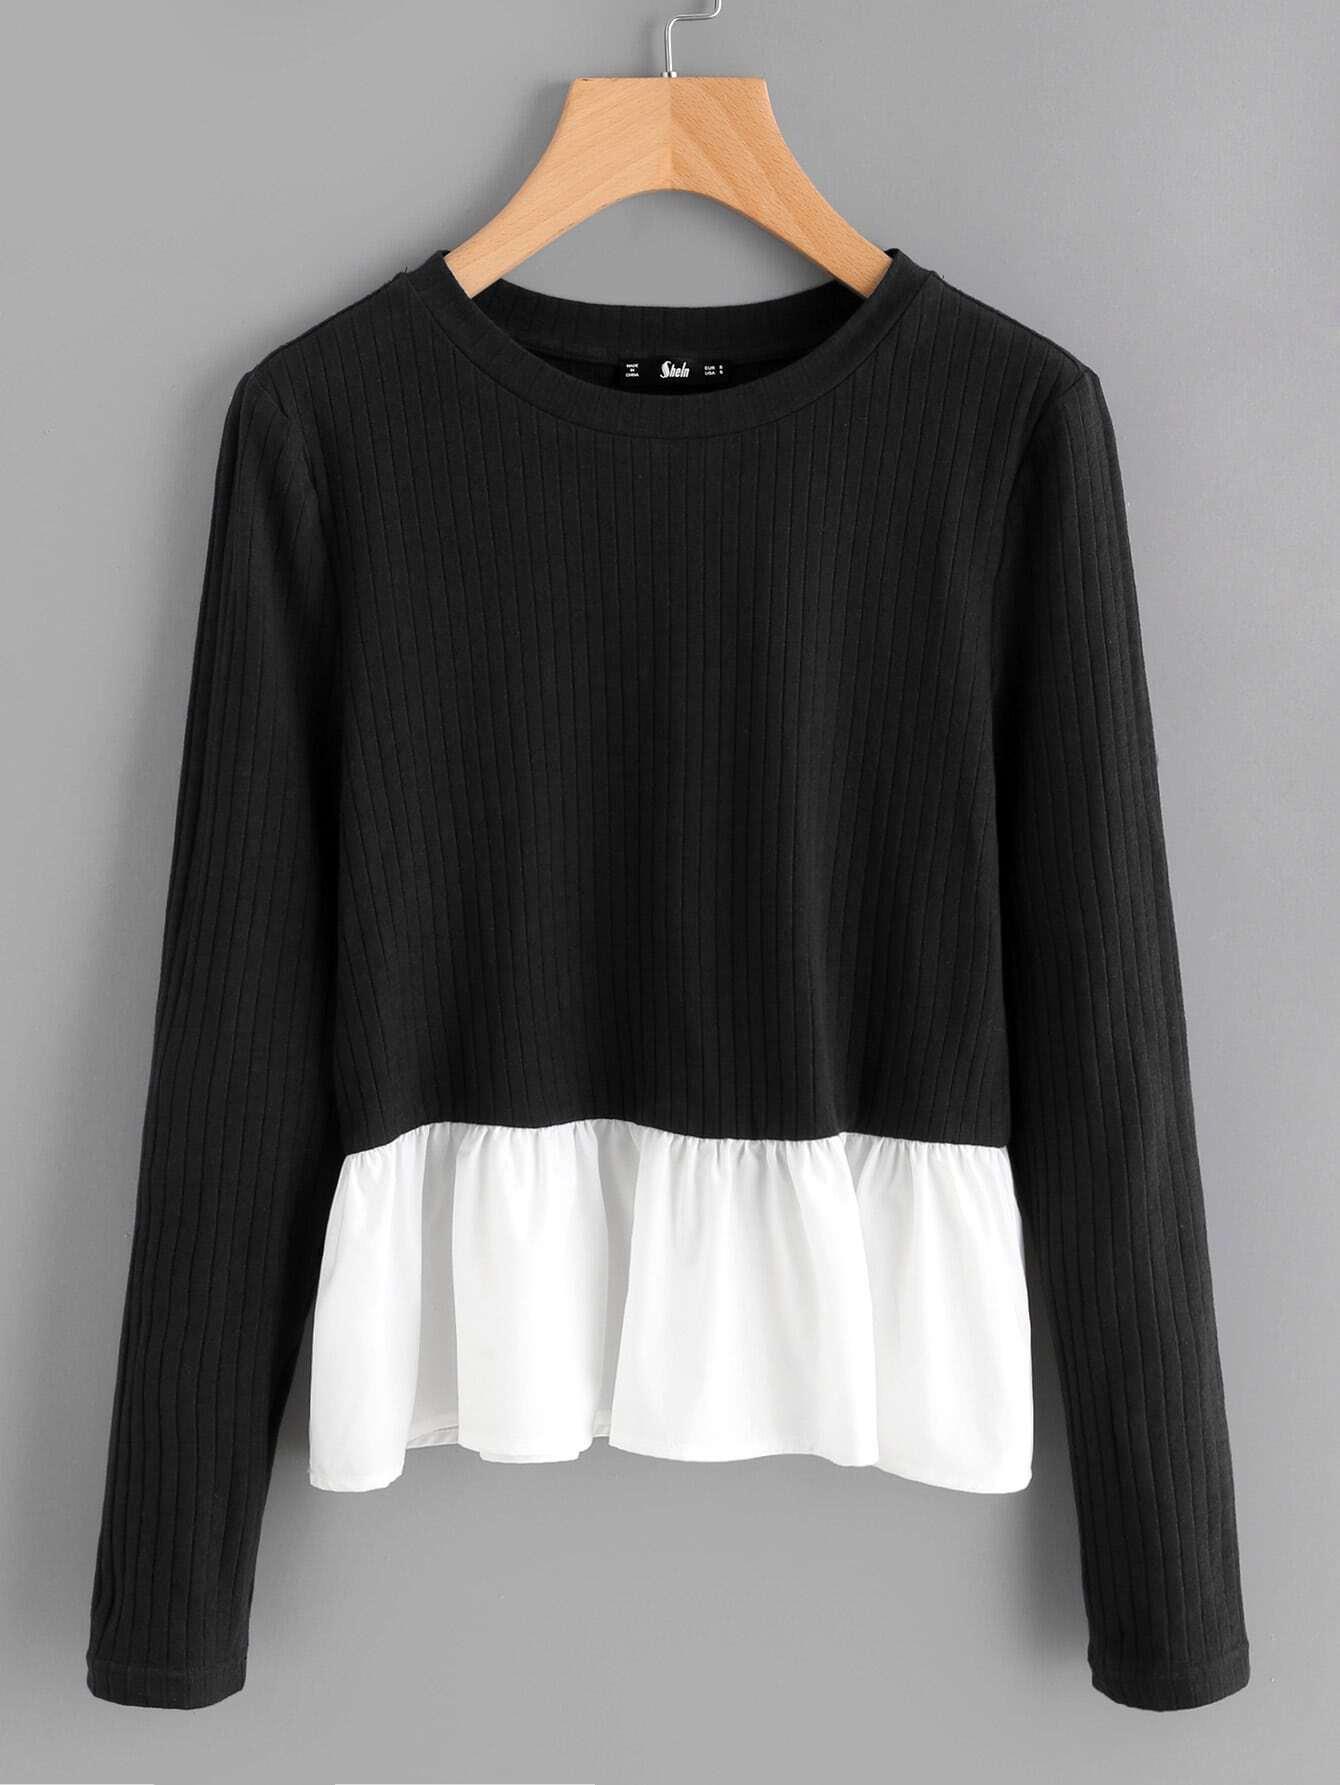 Contrast Frill Trim Rib Knit T-shirt tee170927706